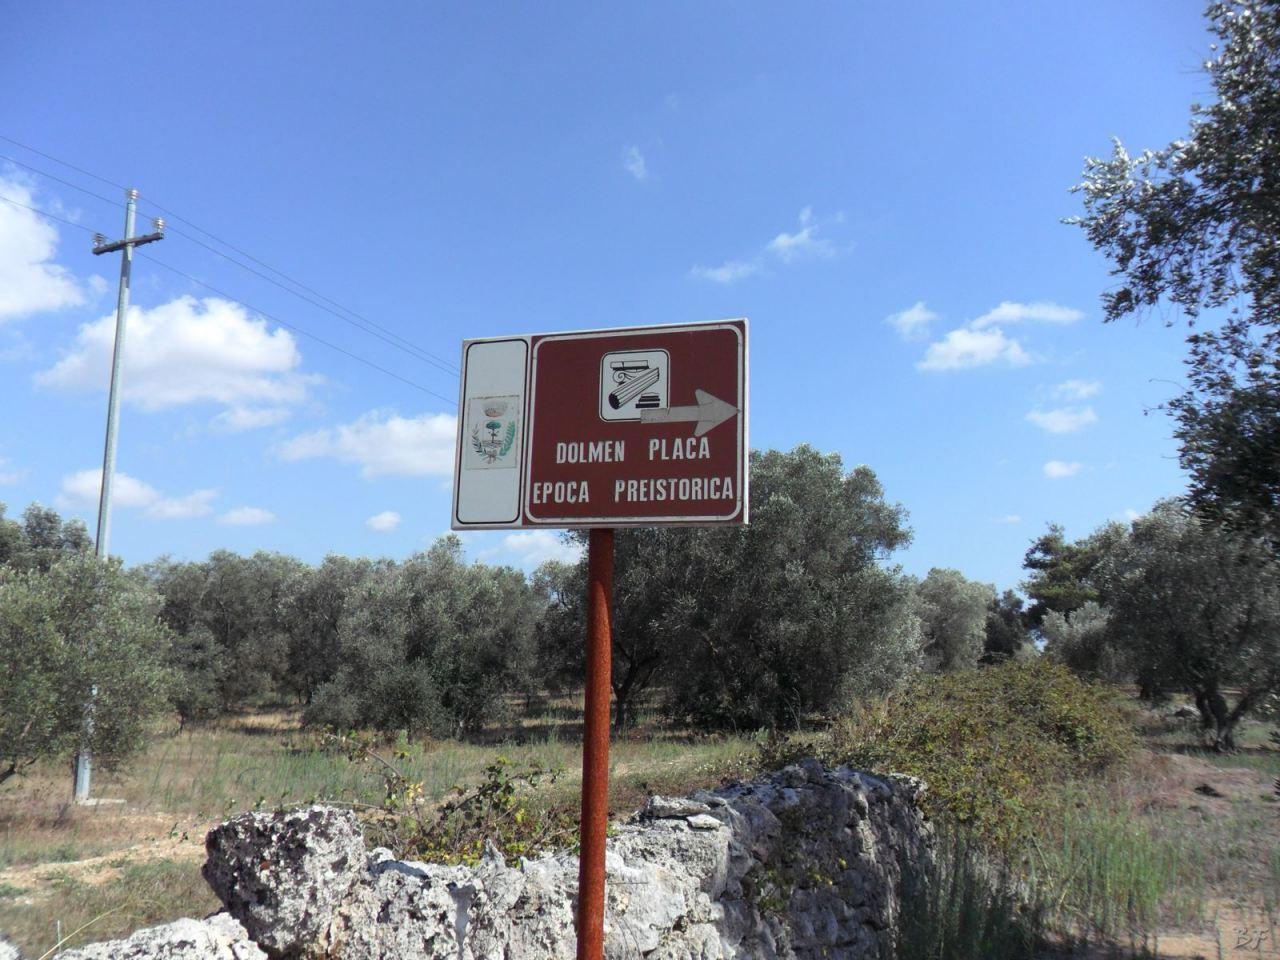 Dolmen-Placa-Melendugno-Megaliti-Salento-Lecce-Puglia-Italia-1